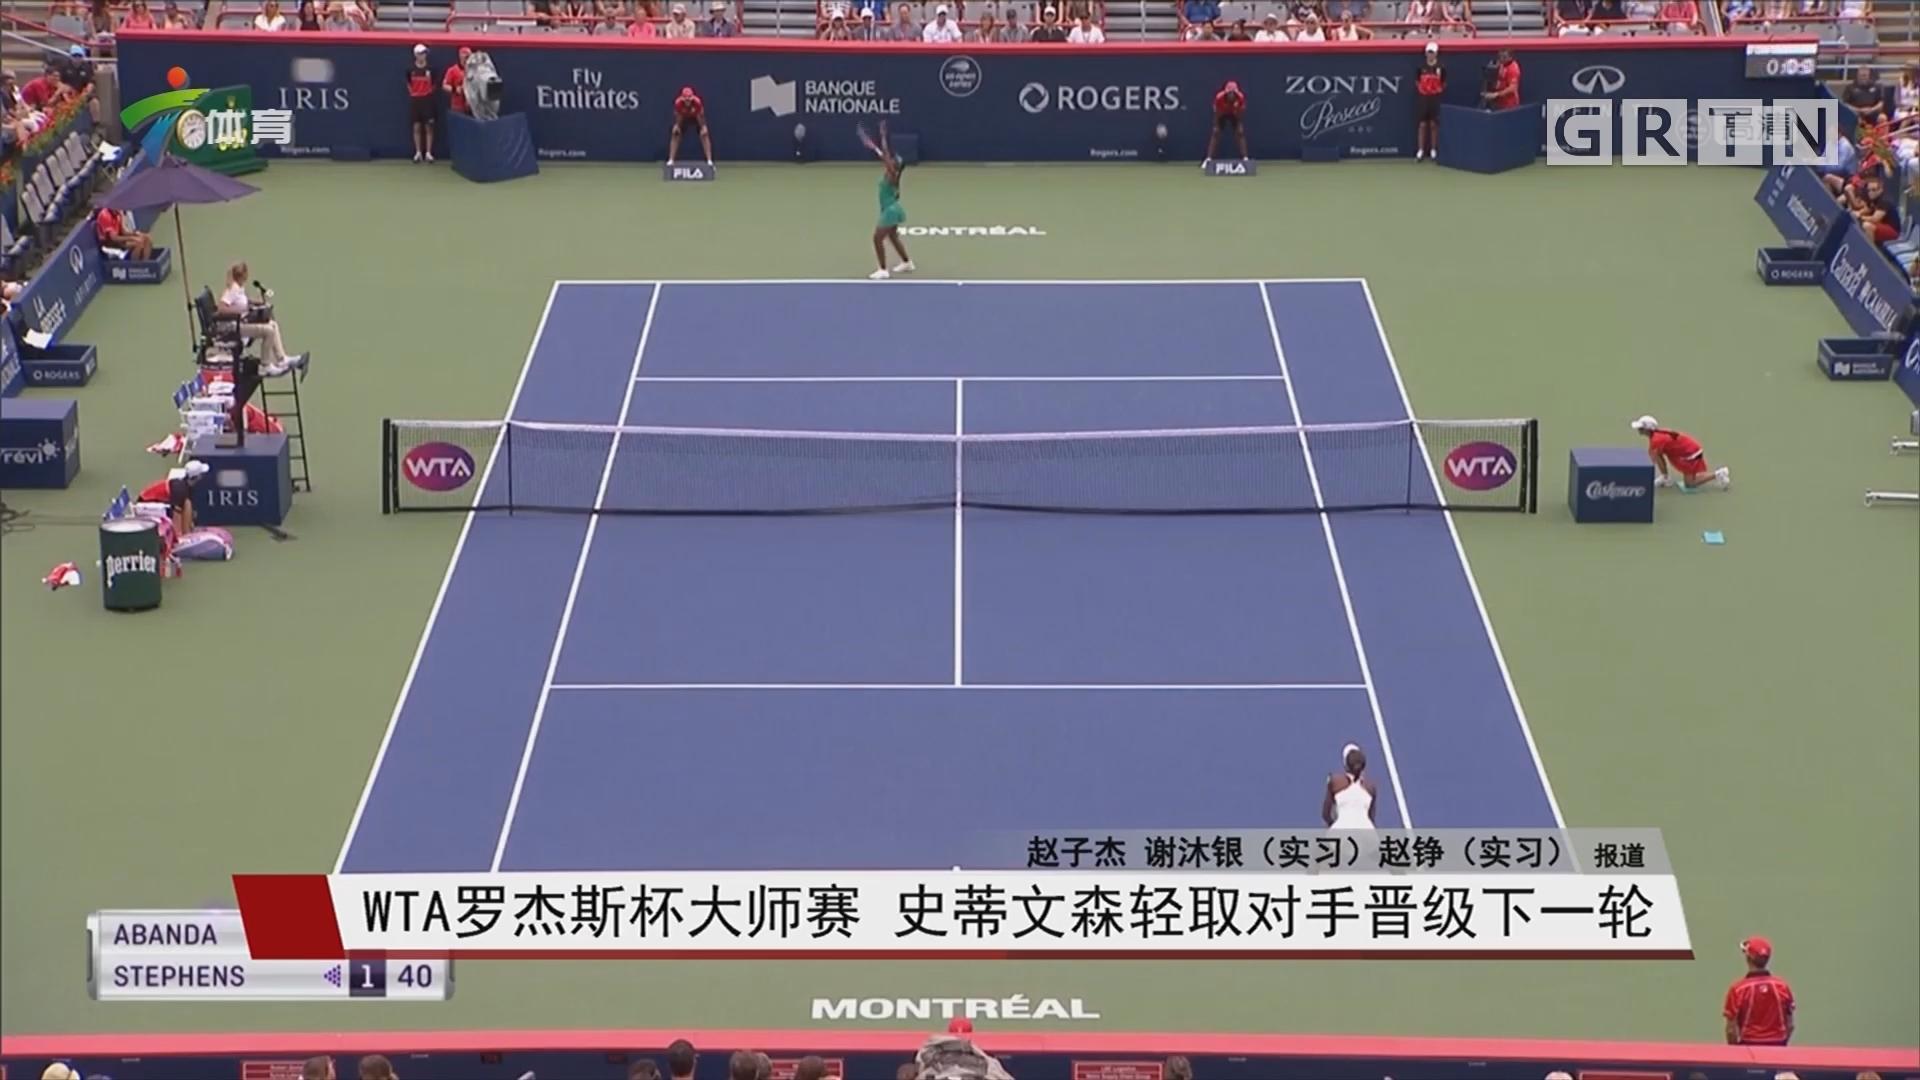 WTA罗杰斯杯大师赛 史蒂文森轻取对手晋级下一轮